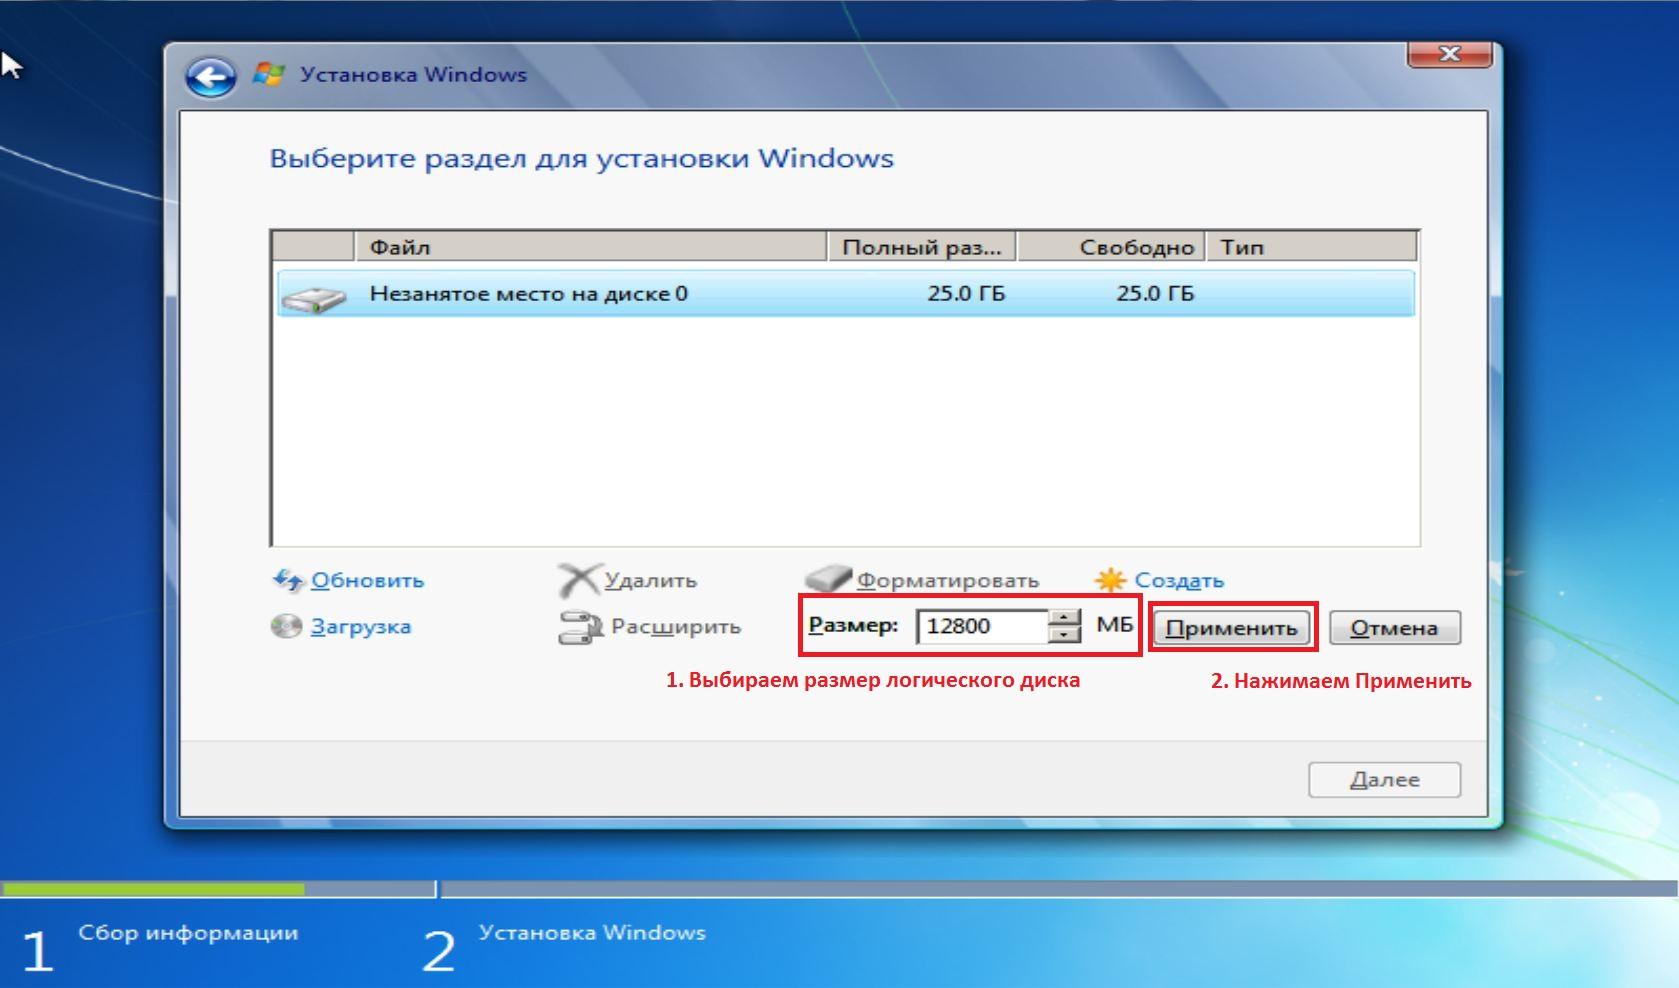 Разметка диска в Windows 7